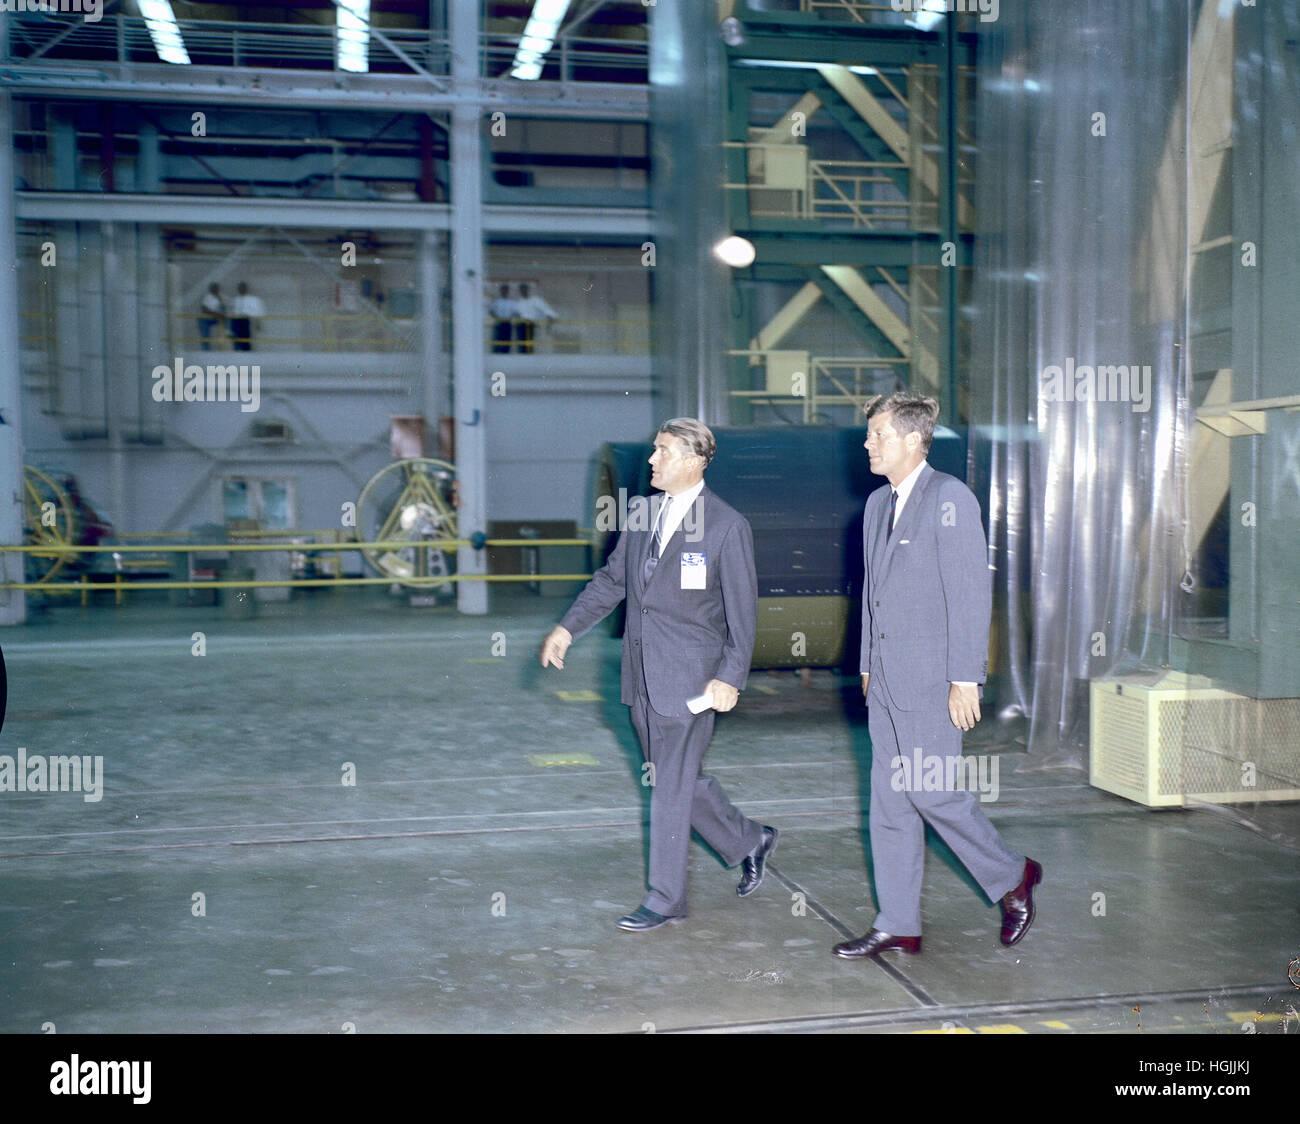 US-Präsident John F. Kennedy besuchte Marshall Space Flight Center (MSFC) in Huntsville, Alabama am 11. September 1962. Präsident Kennedy und Dr. Wernher von Braun, MSFC Direktor tour hier eines der Labore. Credit: NASA mittels CNP - kein Draht-SERVICE - Foto: Nasa/konsolidiert News Fotos/NASA über CNP Stockfoto